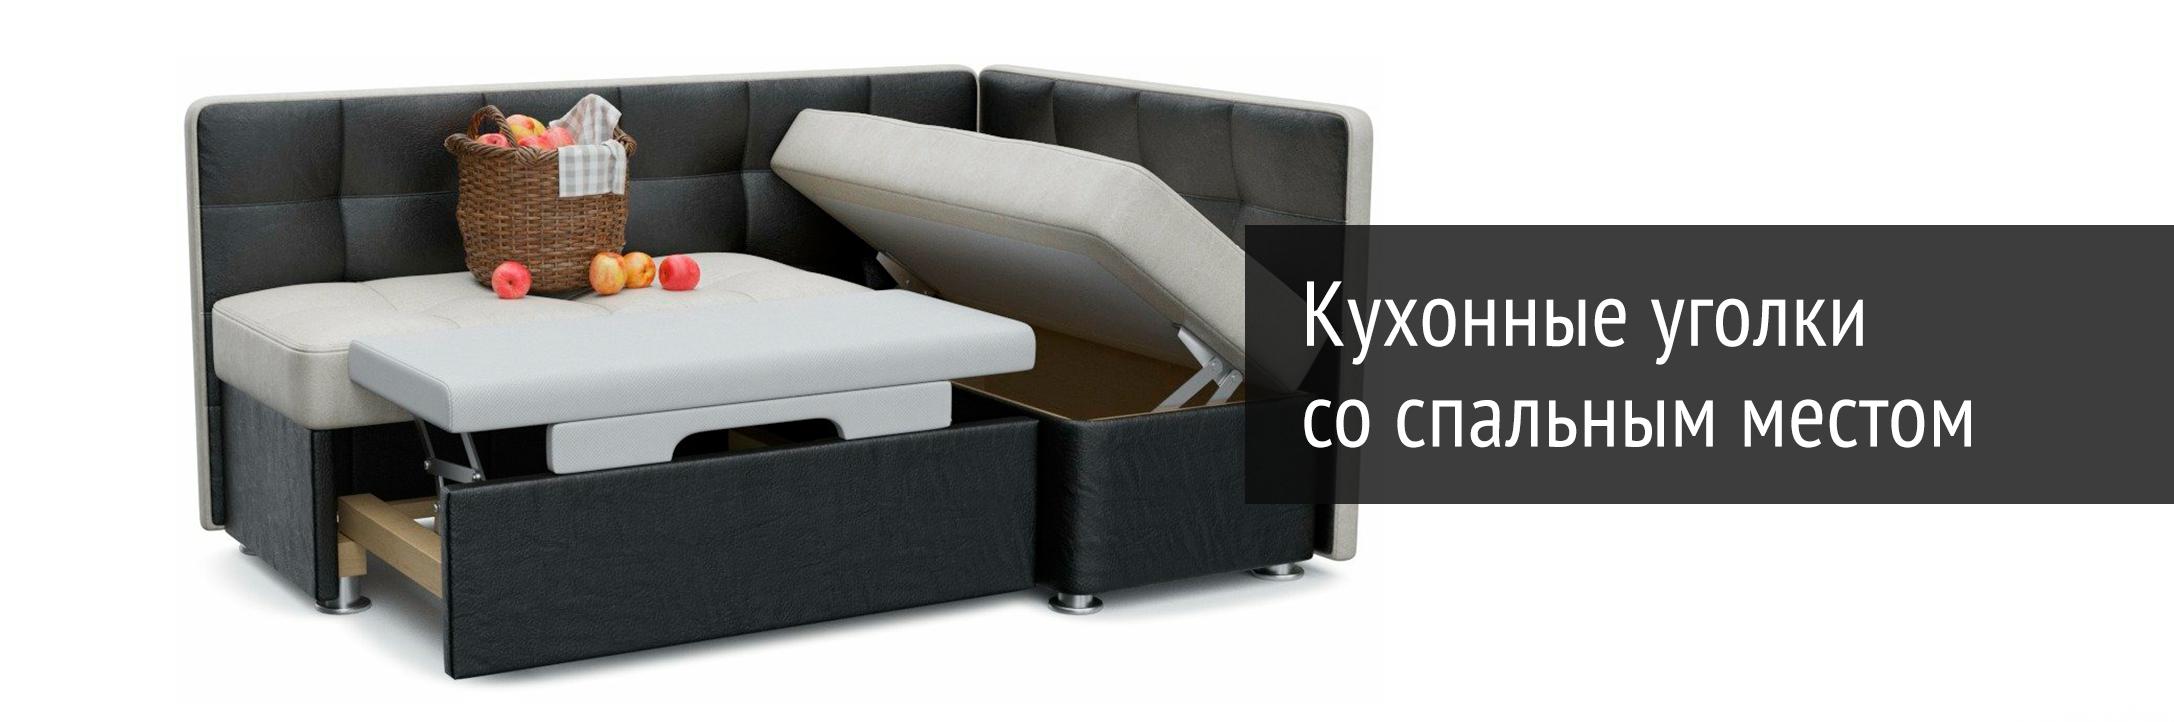 Магазин мебели в СПб - купить мебель в Питере от производителя